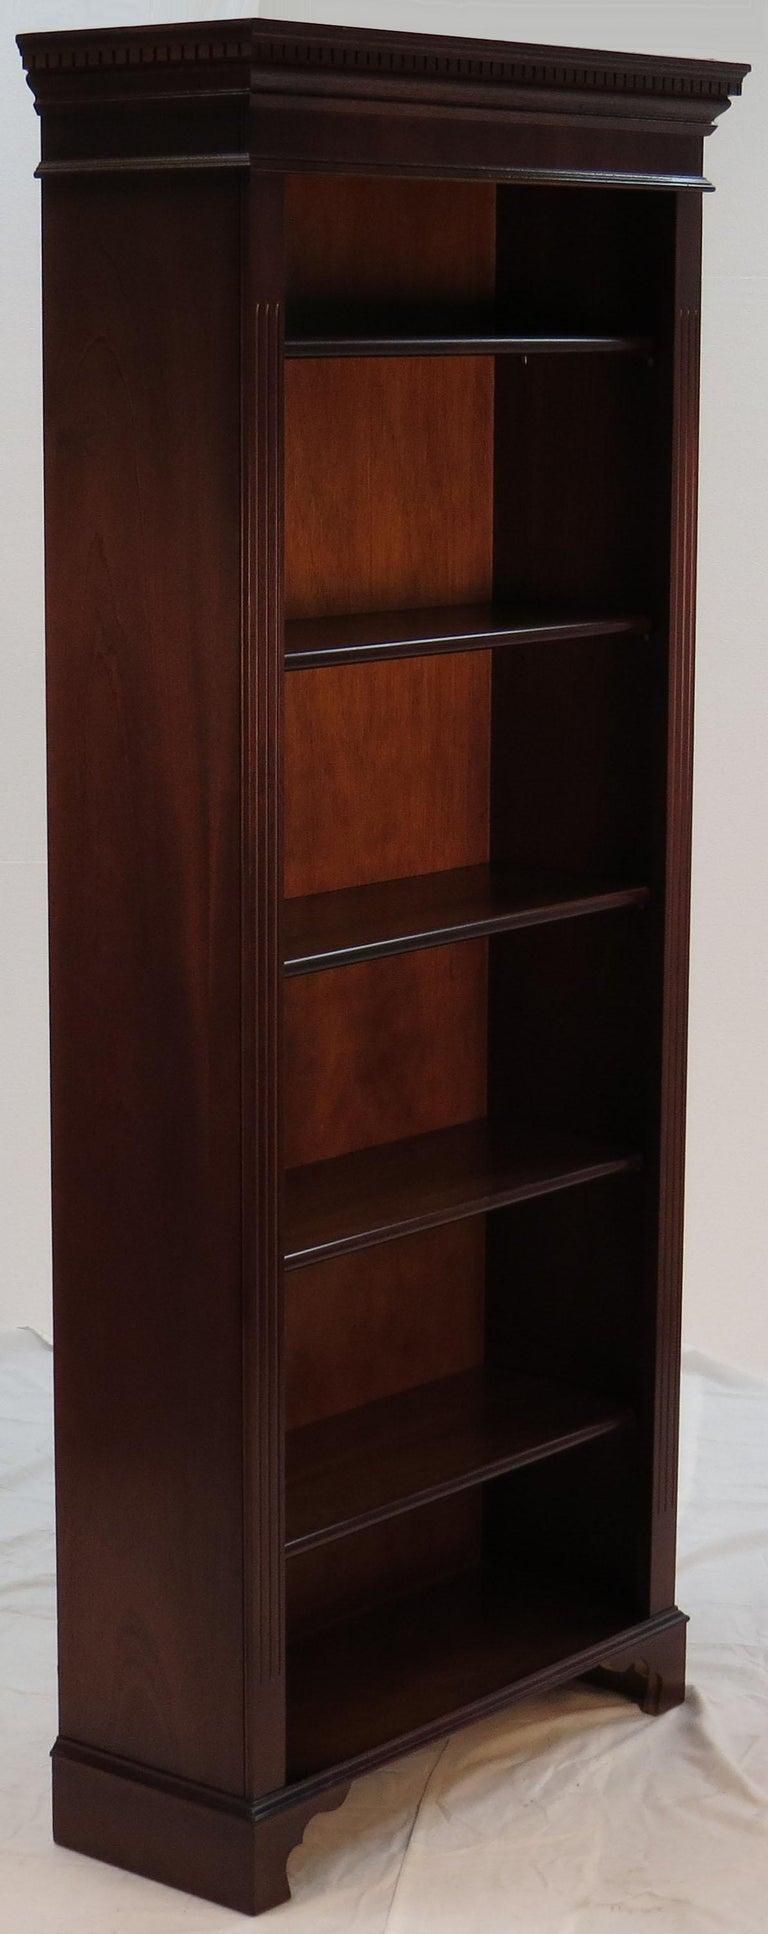 Mahogany Tall Narrow Open Bookcase at 1stdibs